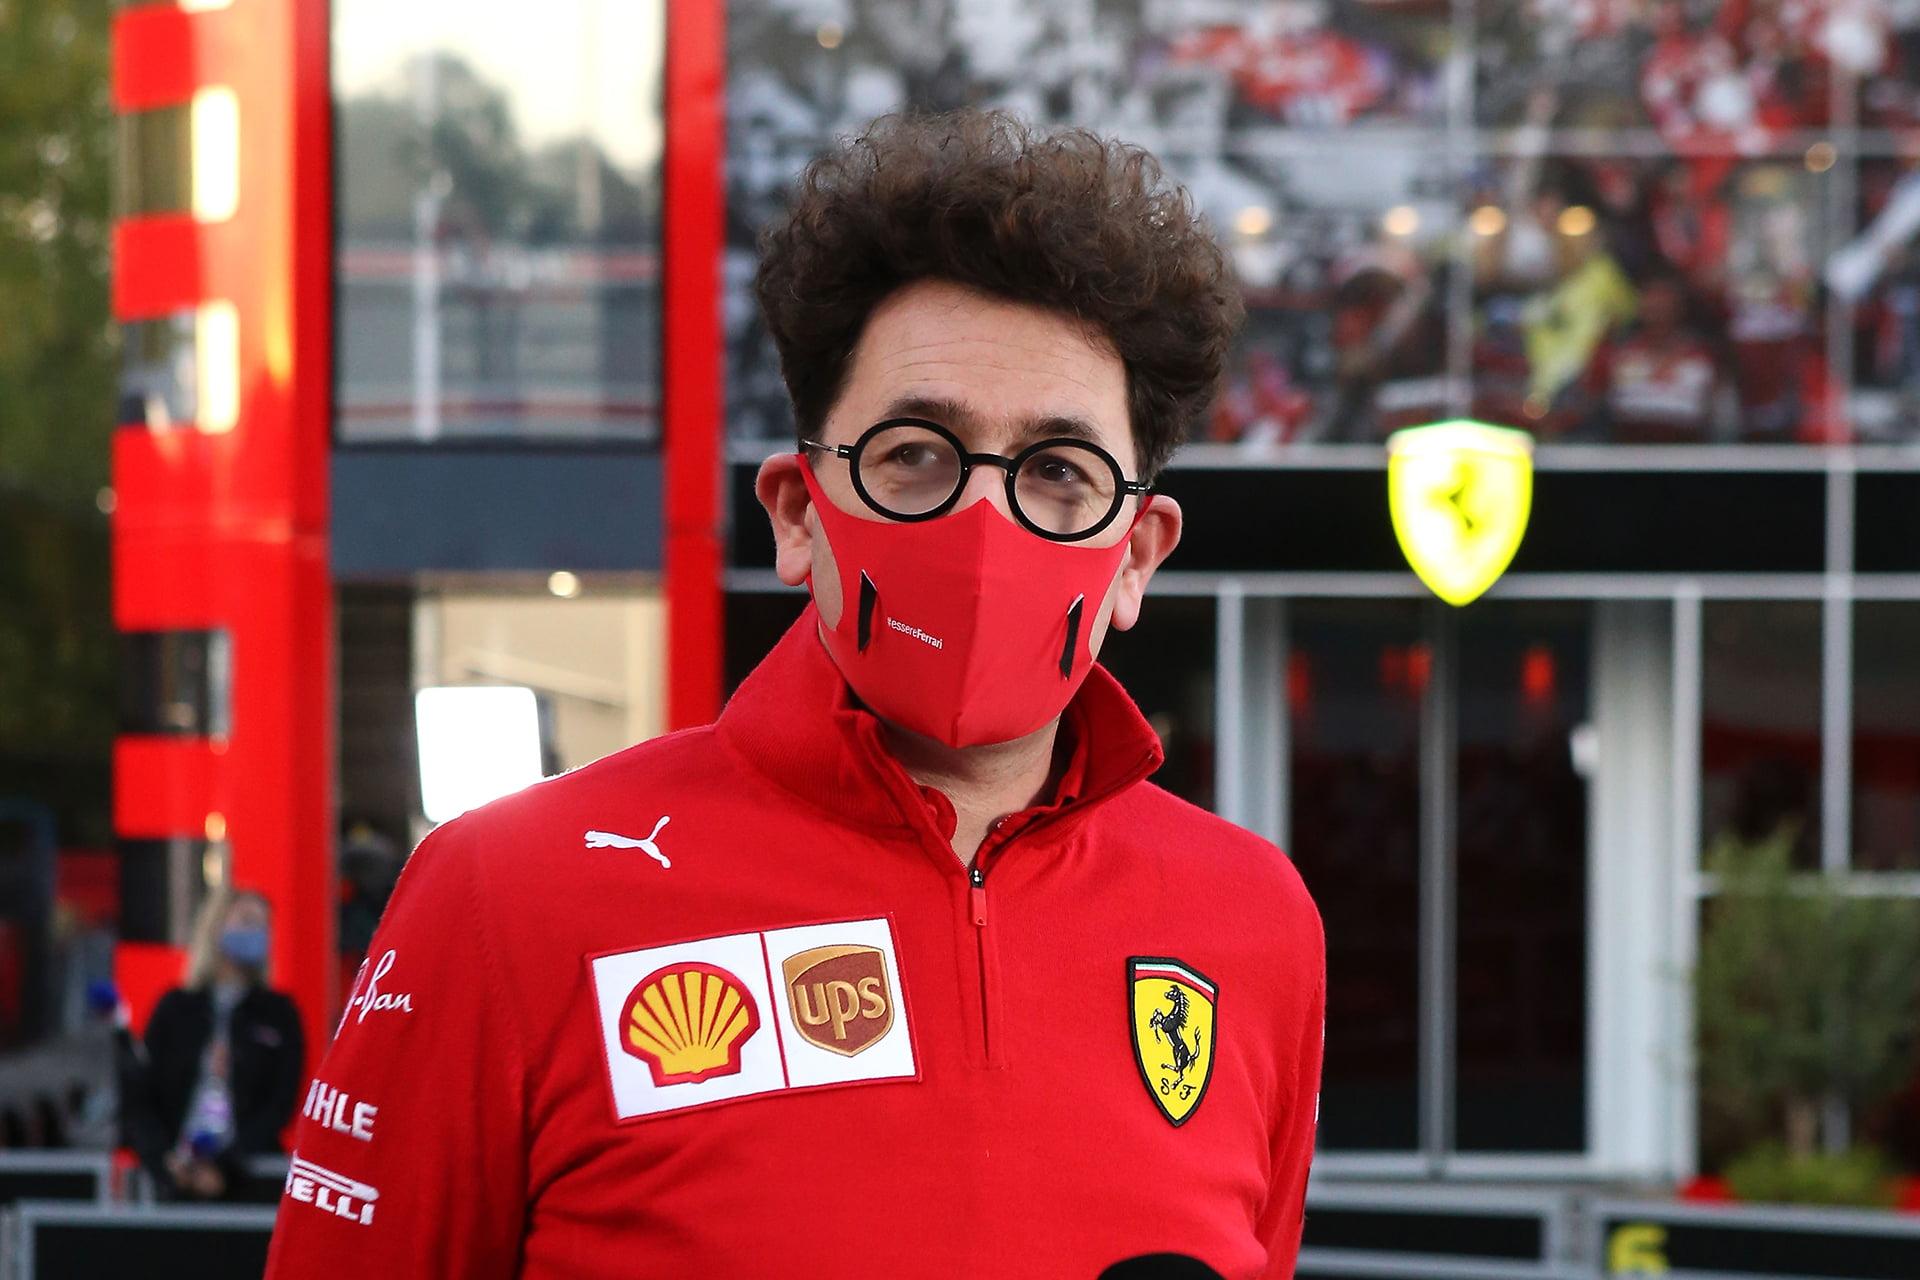 El propio Binotto ha confirmado el espacio Haas F1 en Maranello.